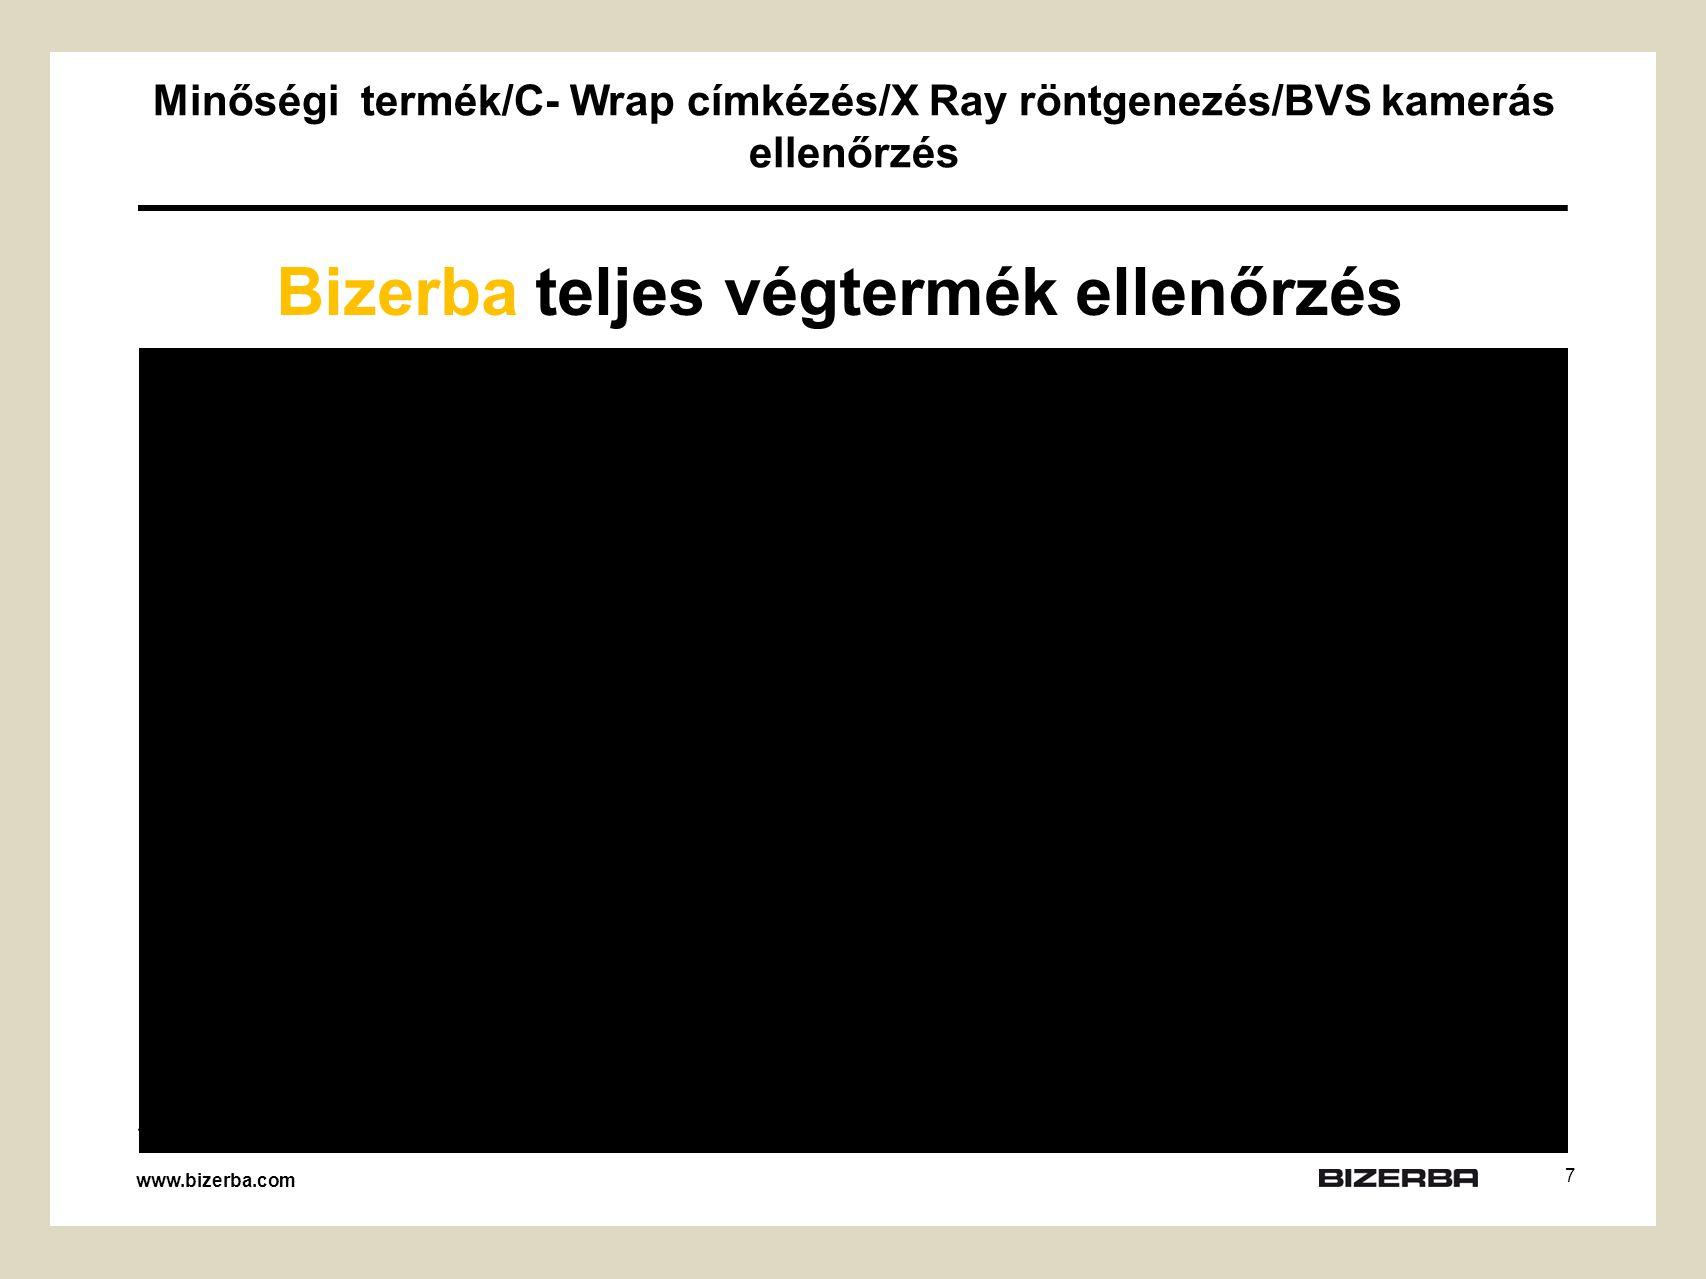 7 Bizerba teljes végtermék ellenőrzés Minőségi termék/C- Wrap címkézés/X Ray röntgenezés/BVS kamerás ellenőrzés www.bizerba.com